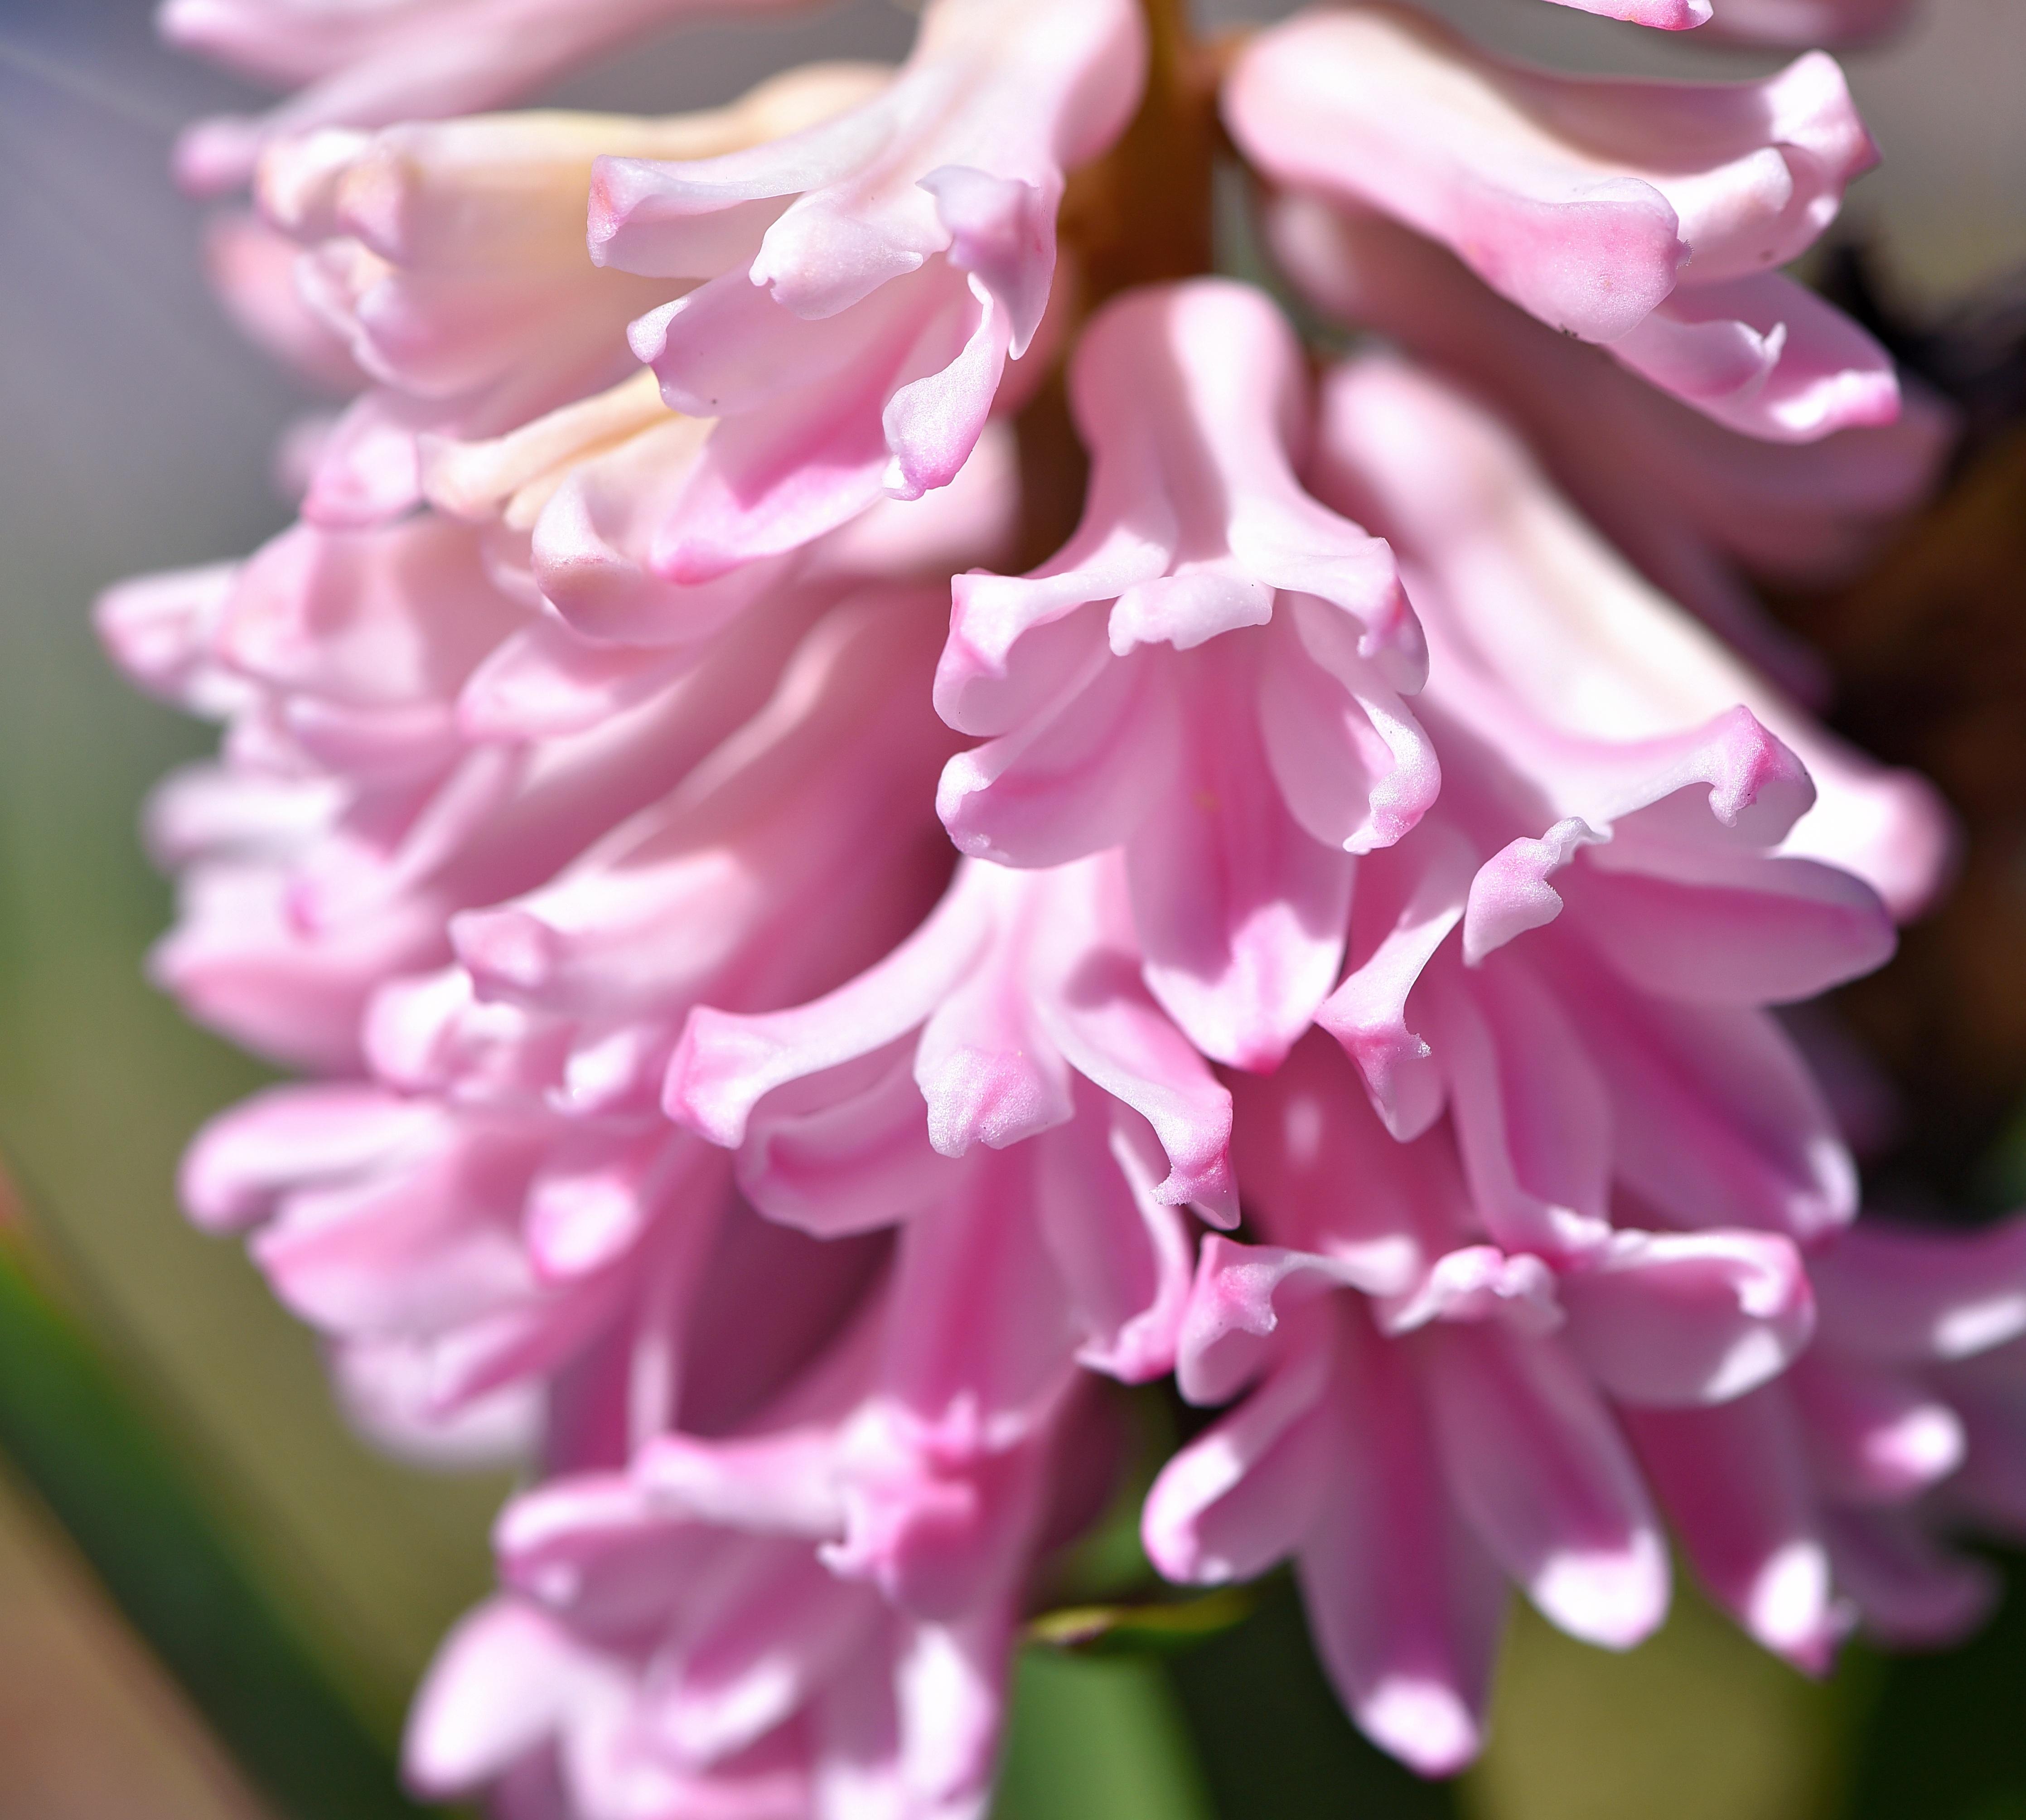 Images Gratuites : pétale, botanique, jardin, Fermer, flore, parfumé ...